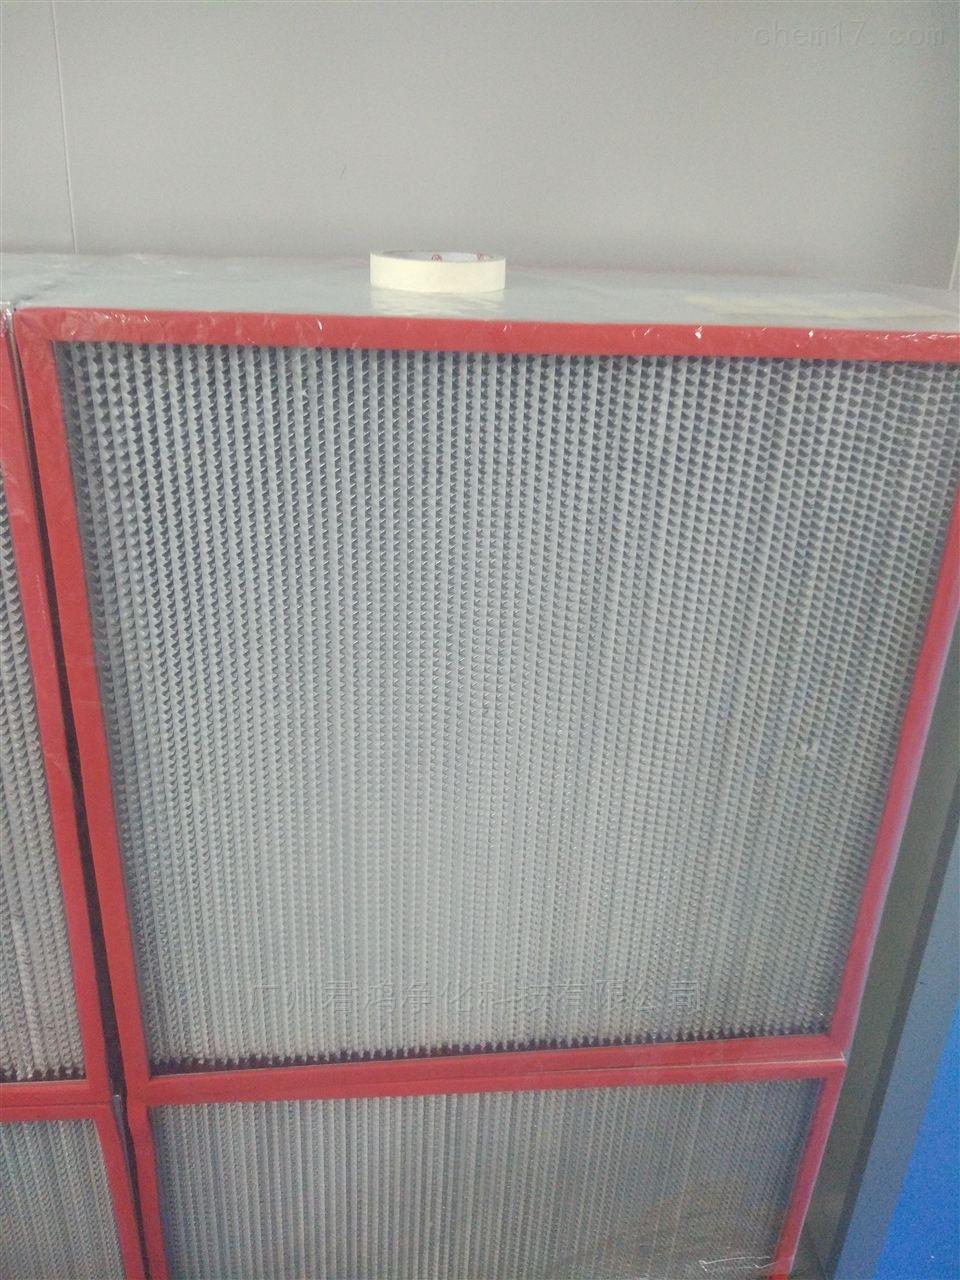 宁夏银川玻纤耐高温高效过滤器